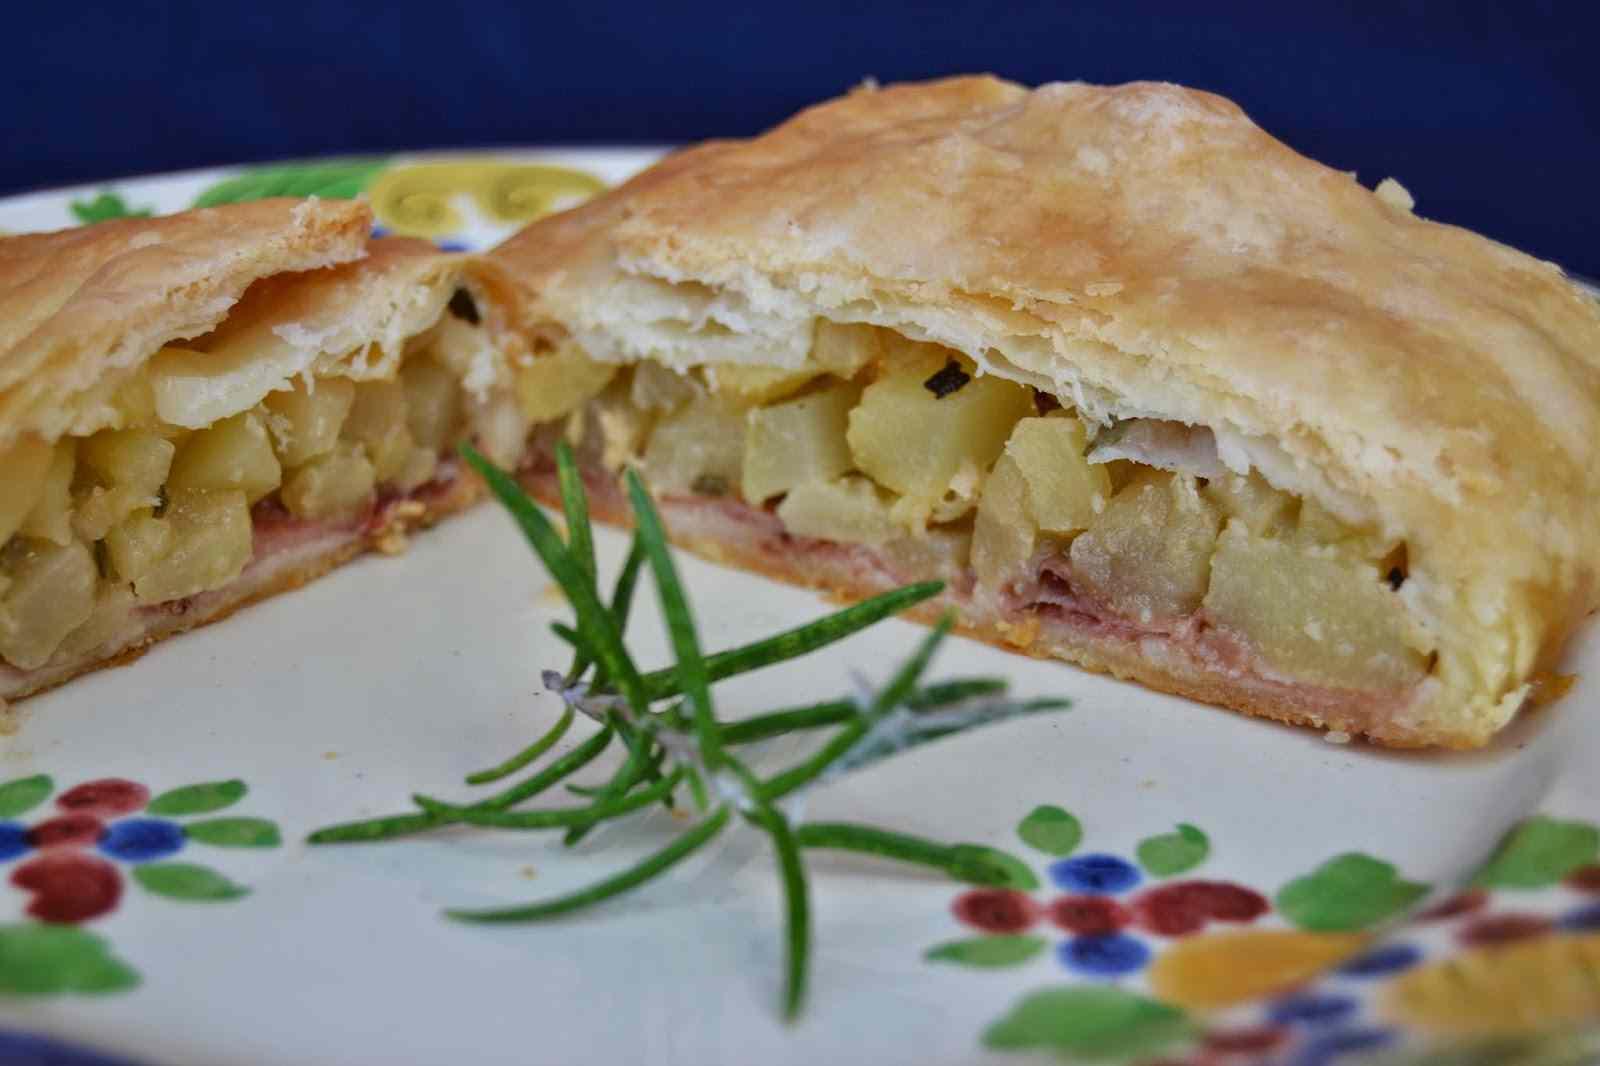 Ricetta: Strudel salato di mele, patate e speck